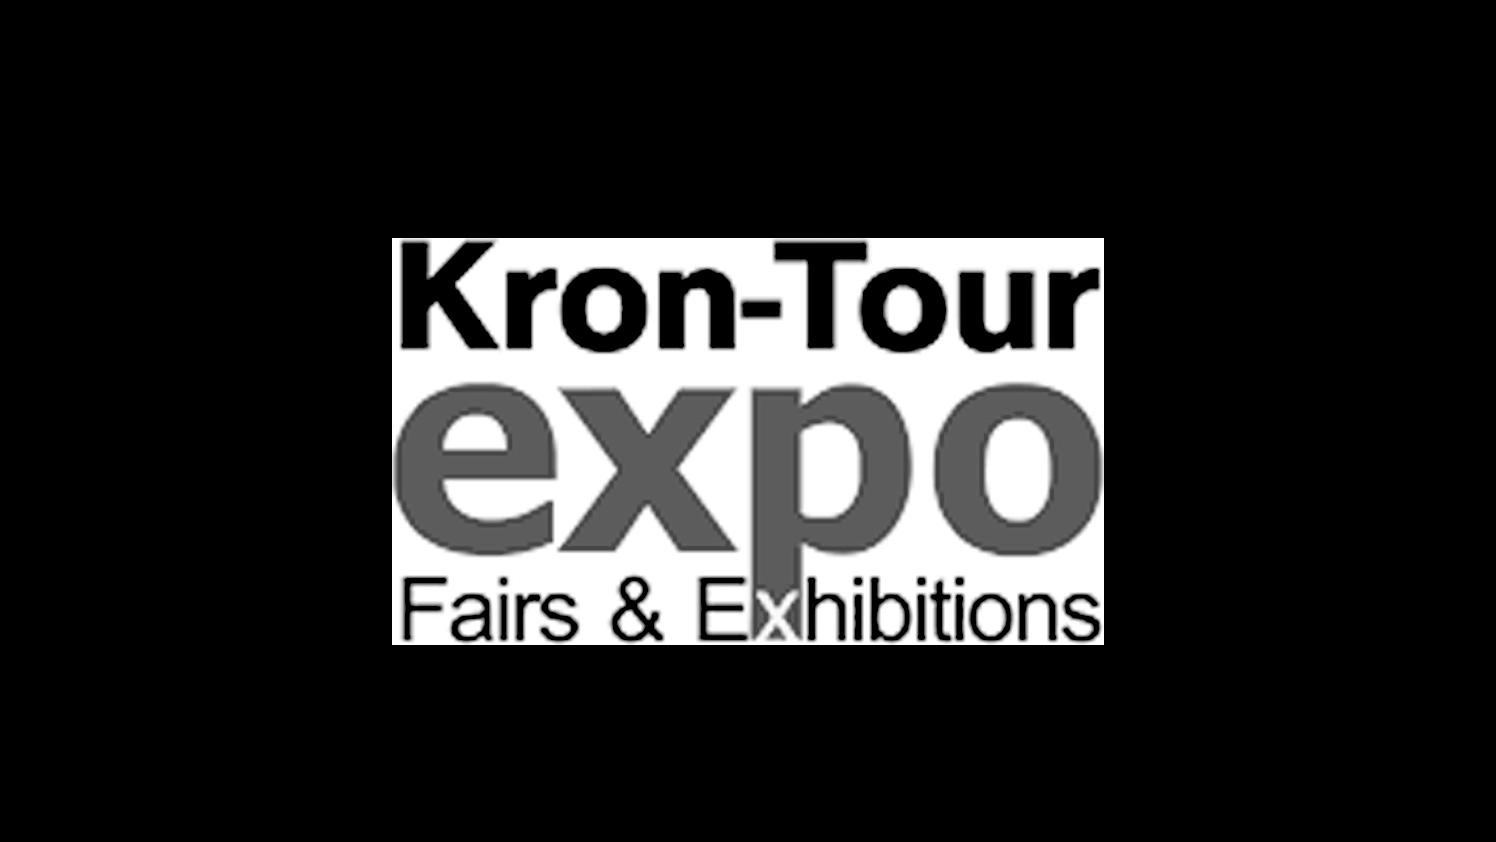 Kron-Tour